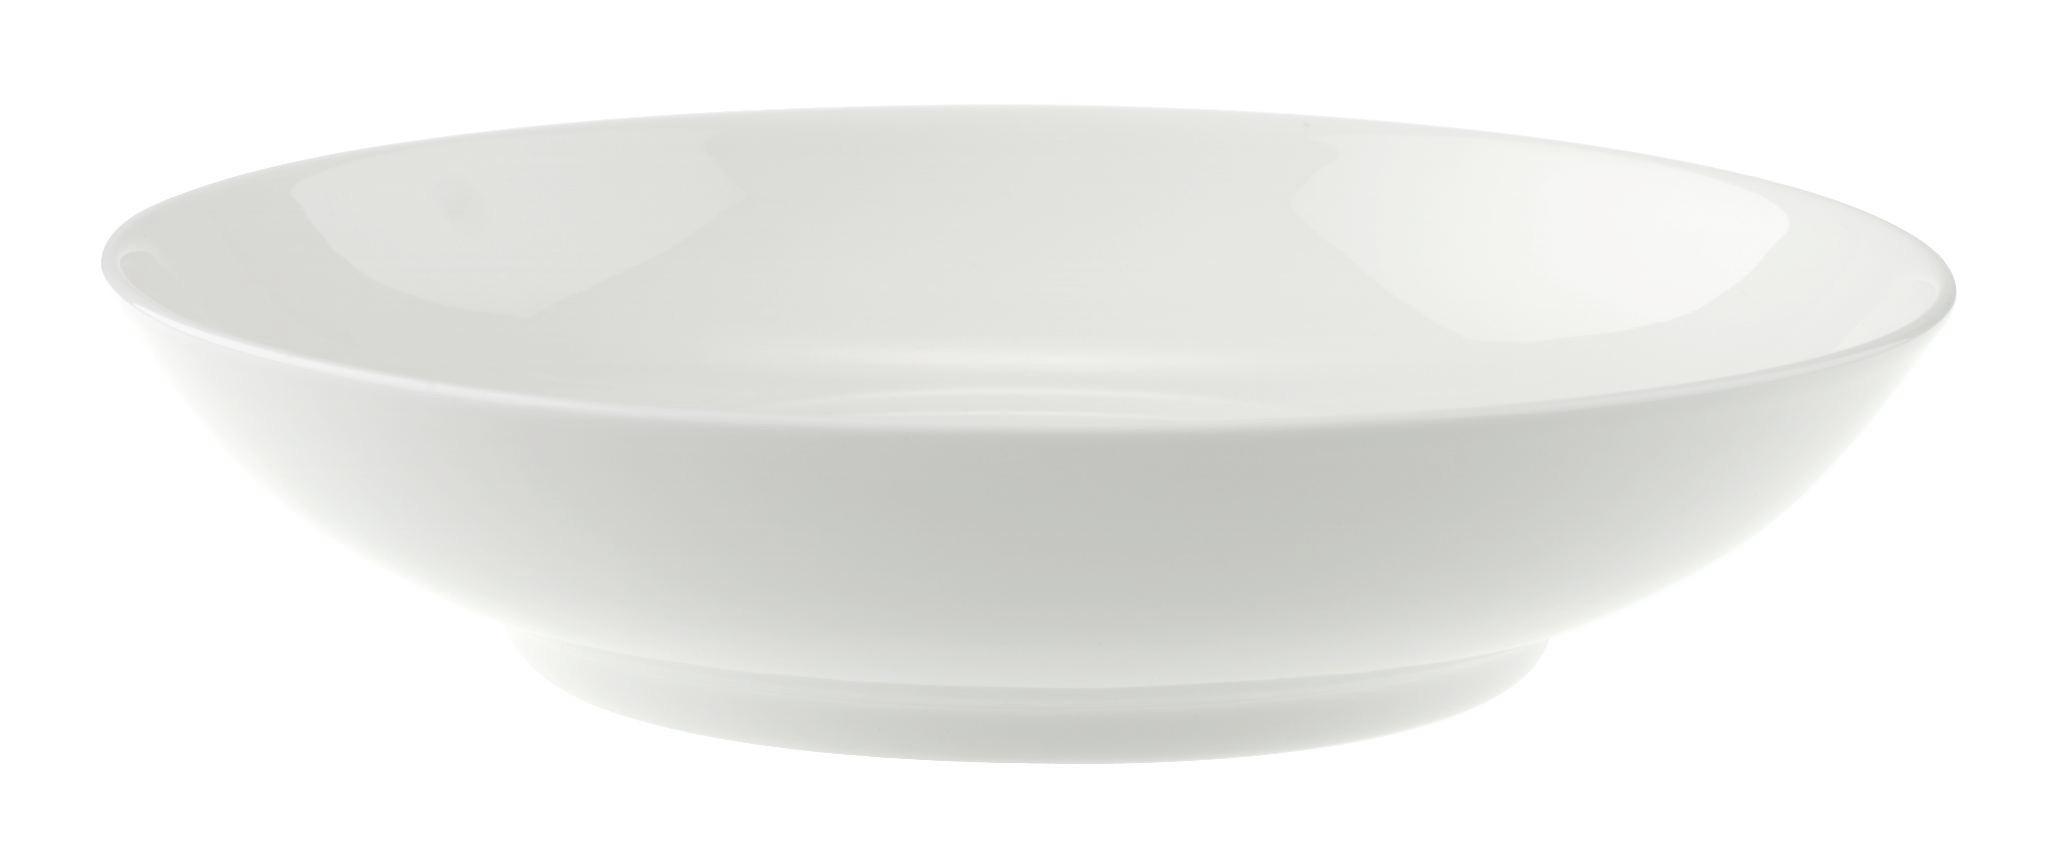 DESSERTSCHALE Bone China - Weiß, Basics (13cm) - VILLEROY & BOCH